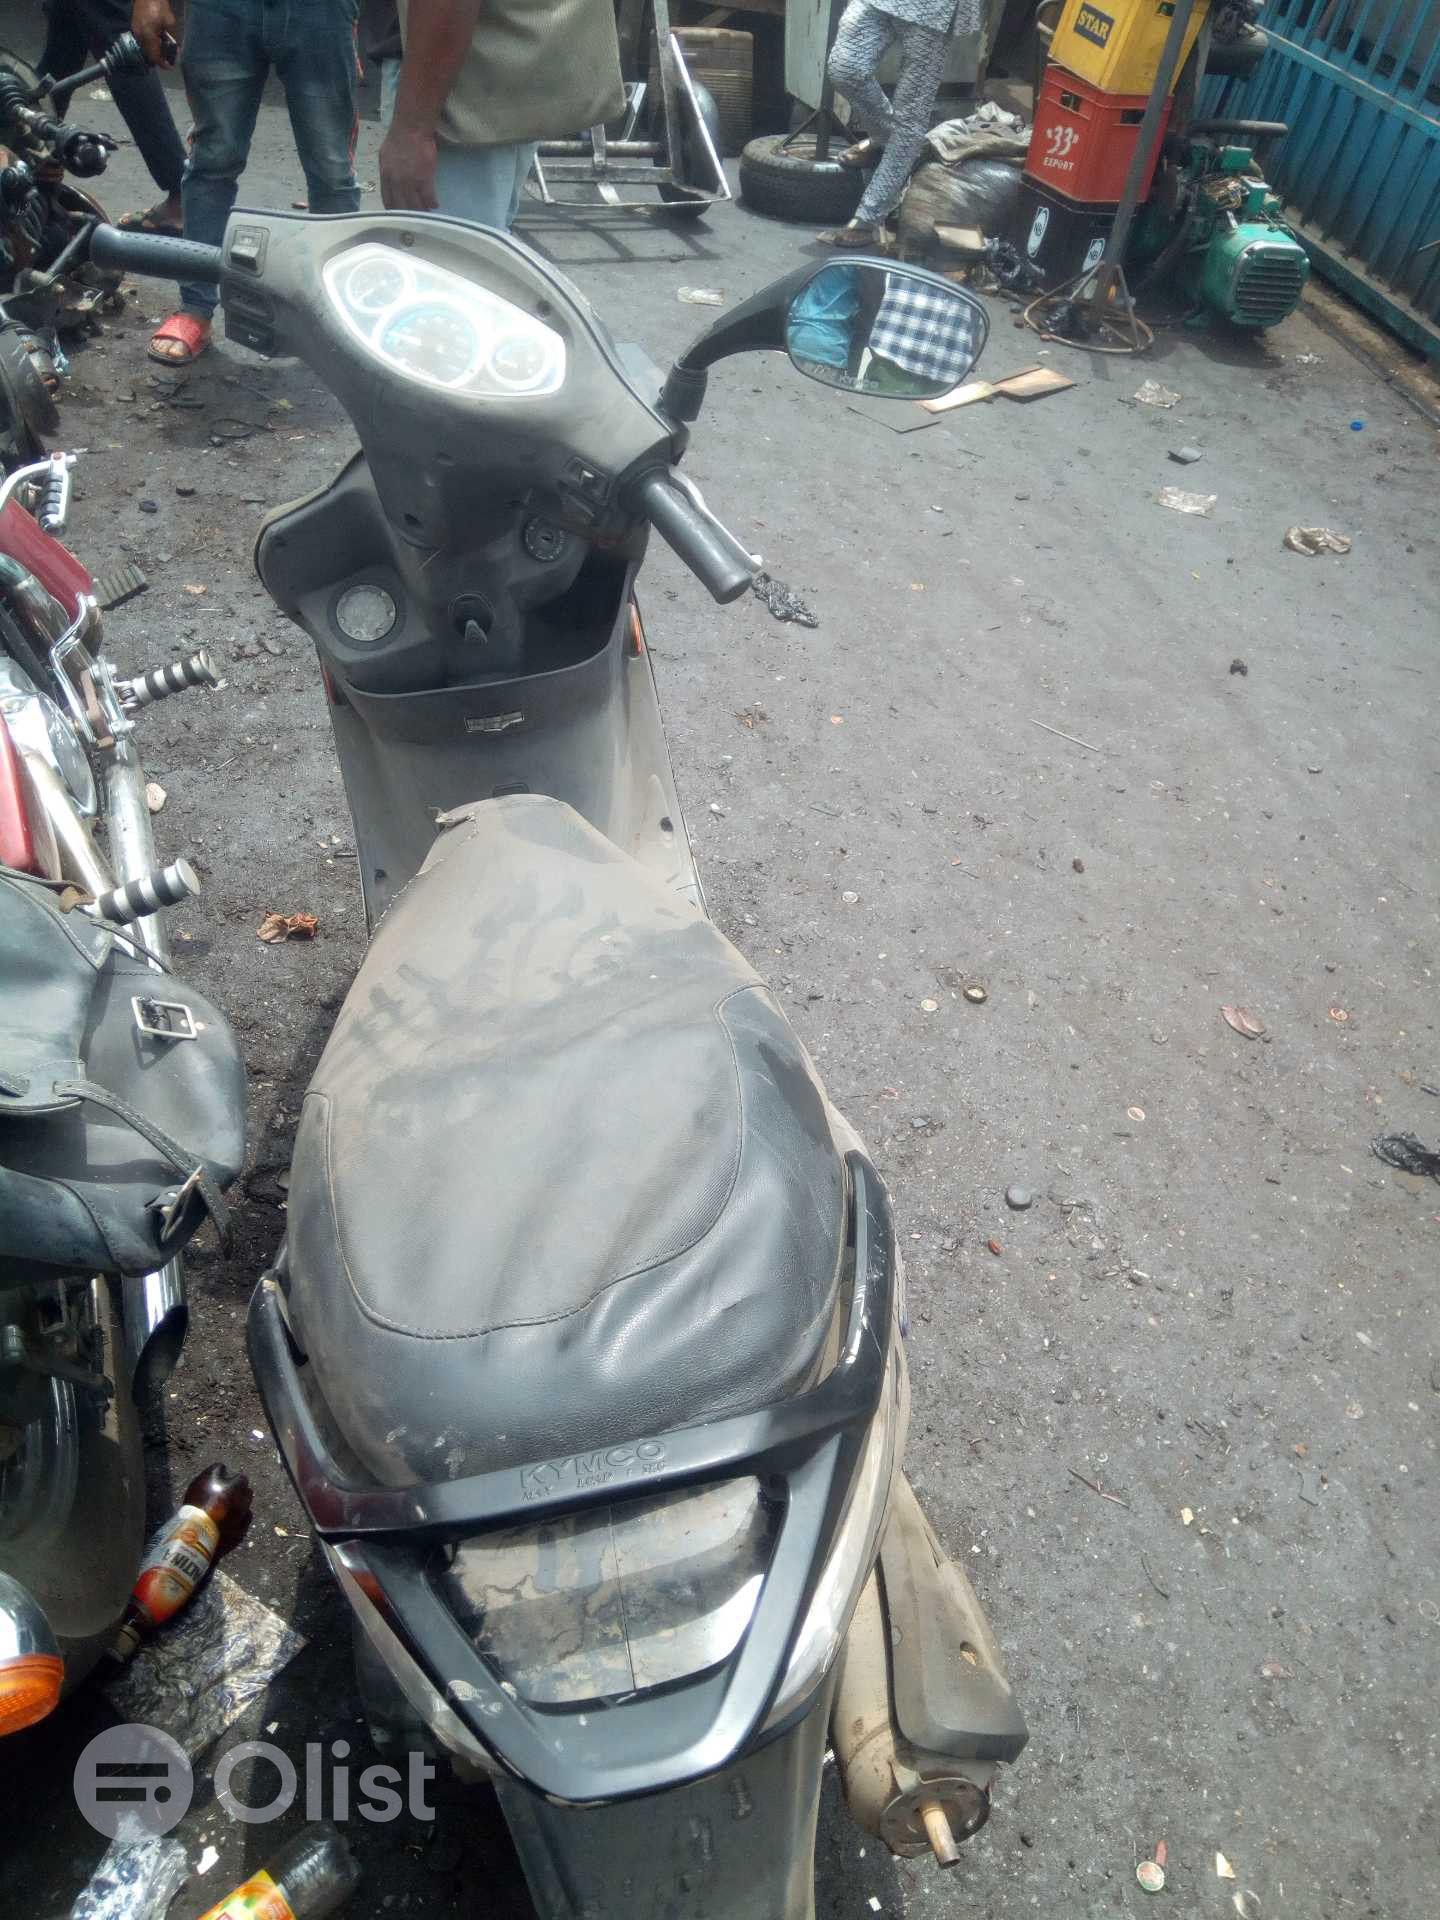 Kymco SkG motorcycle